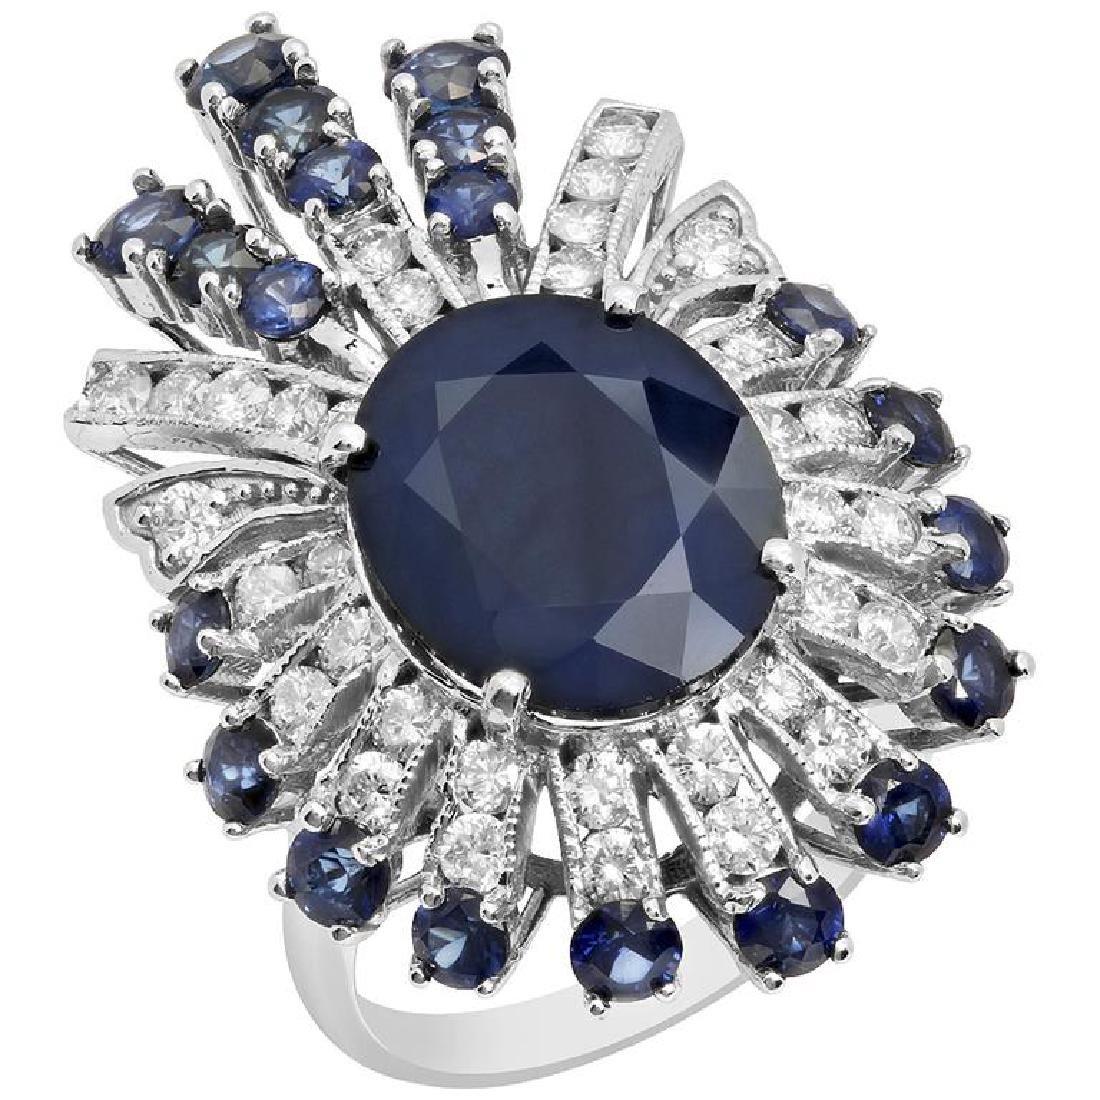 14k White Gold 7.09ct & 2.85ct Sapphire 1.31ct Diamond